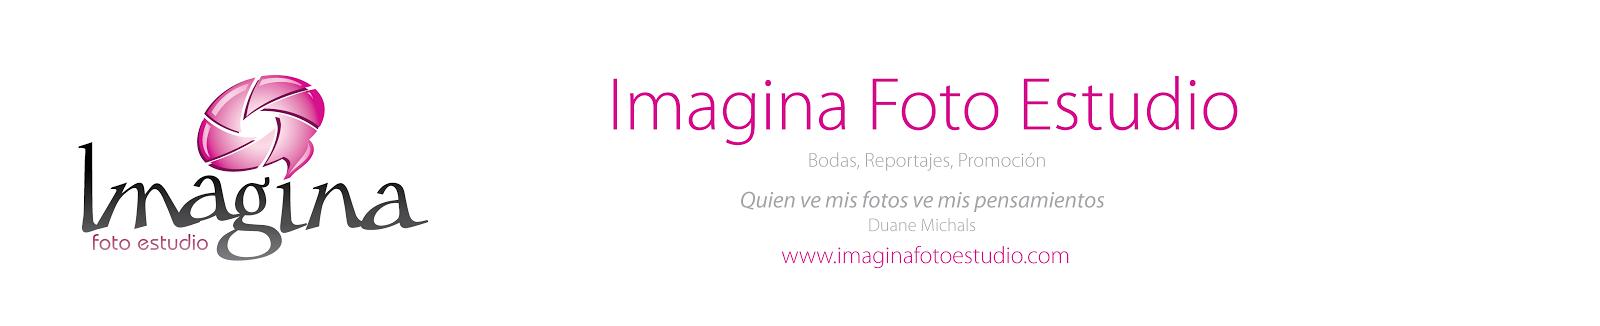 IMAGINA FOTO ESTUDIO